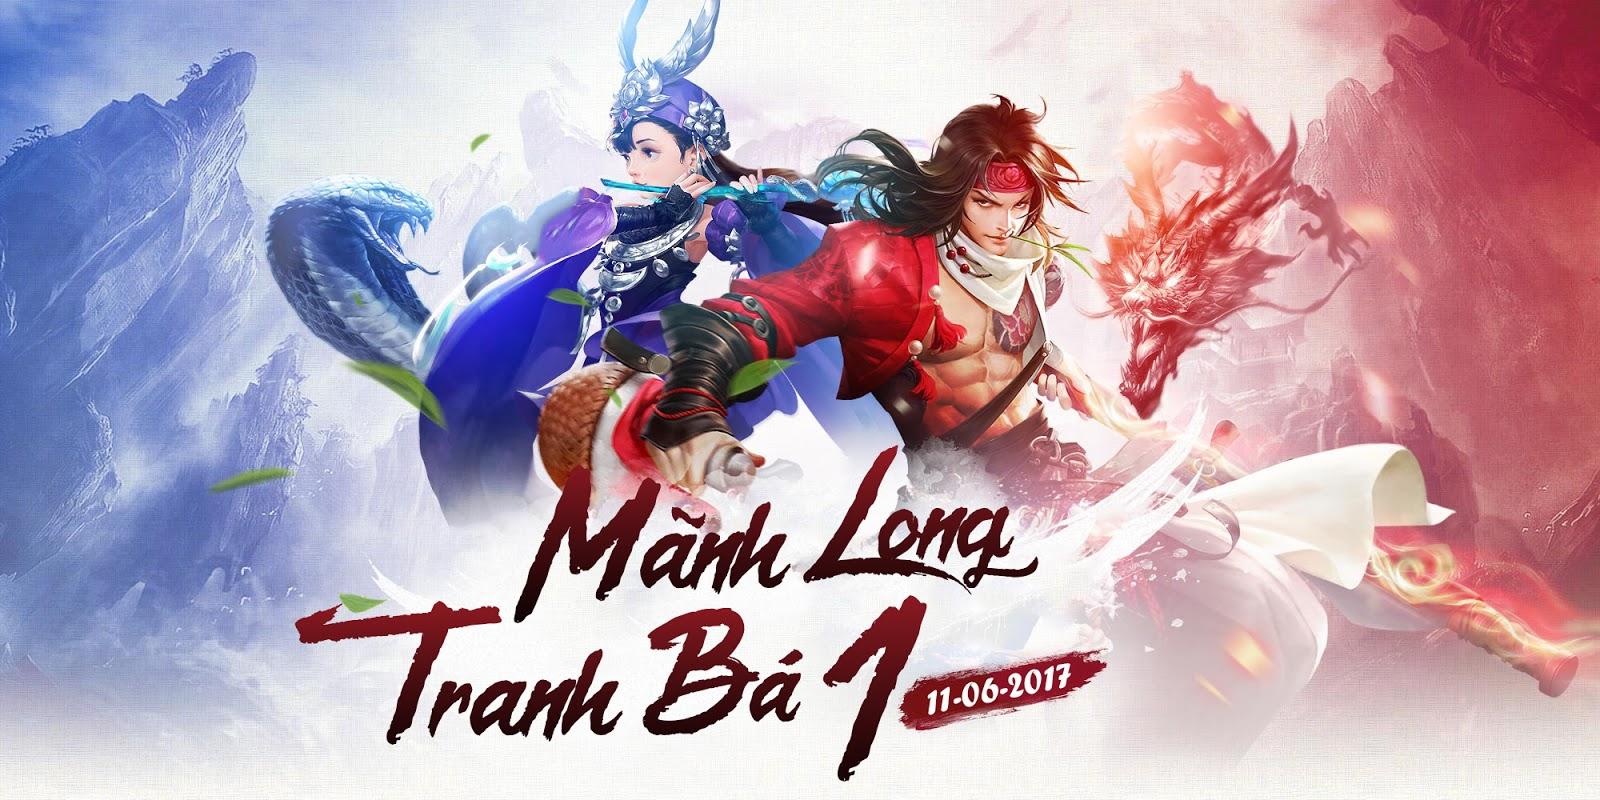 Mở cửa Võ Lâm Truyền Kỳ - Mãnh Long Tranh Bá 11-06/2017